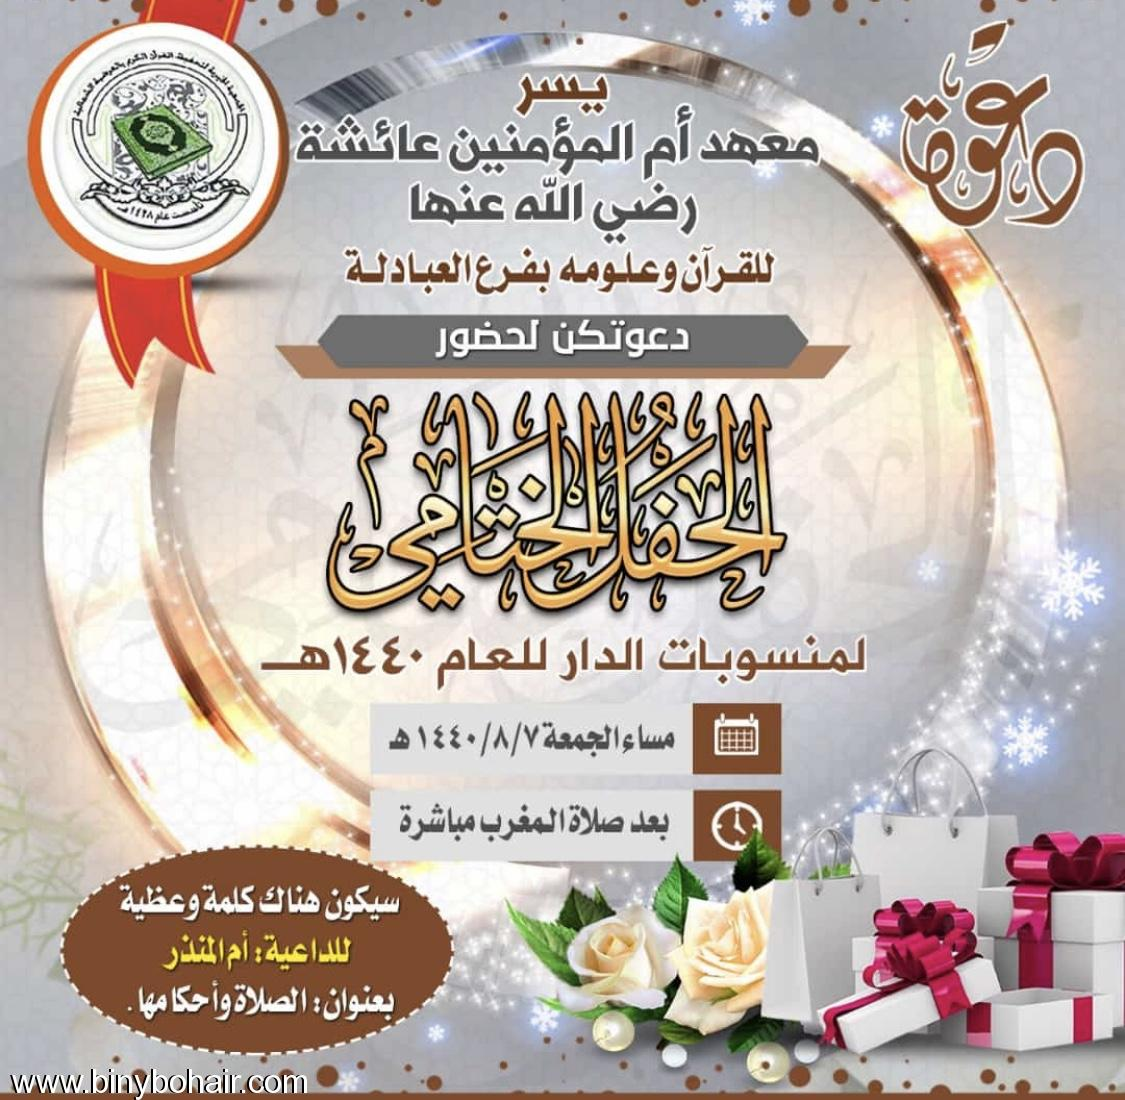 دعوة..معهد المؤمنين عائشة بفرع العبادلة clj64831.jpeg